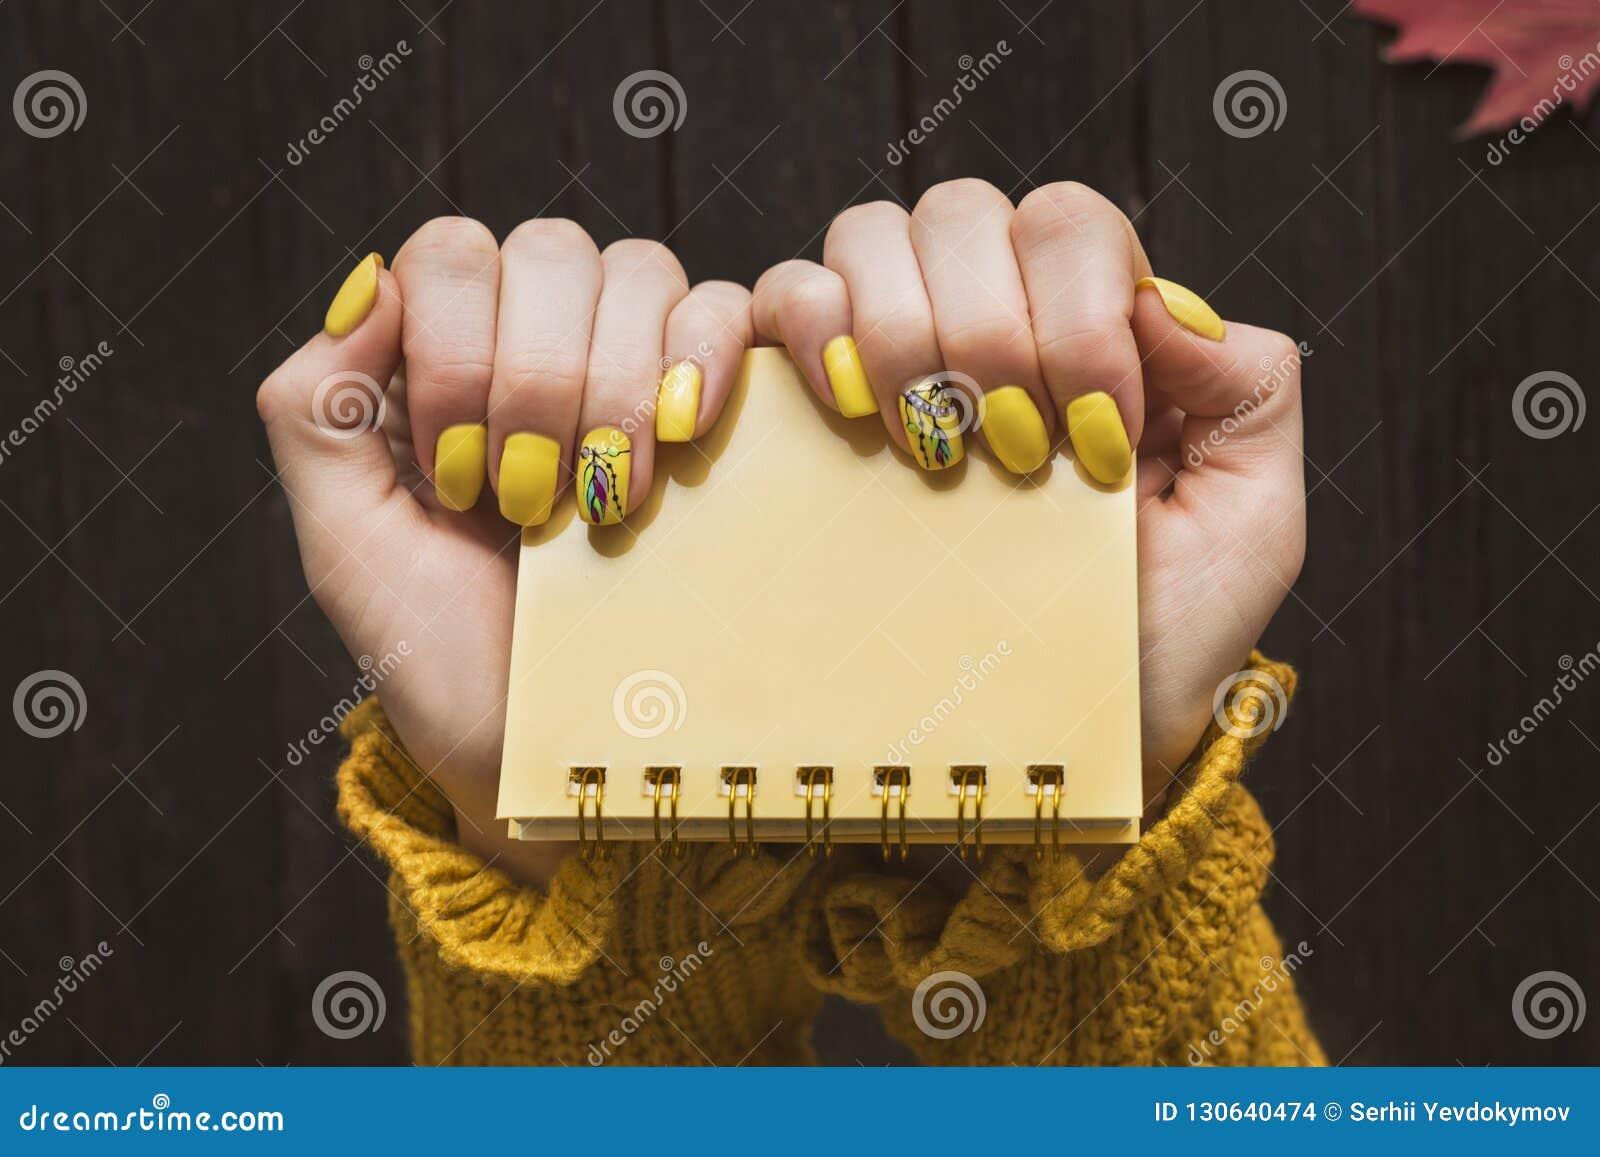 Gul notepad i kvinnliga händer Manikyr med en modell Slut-u